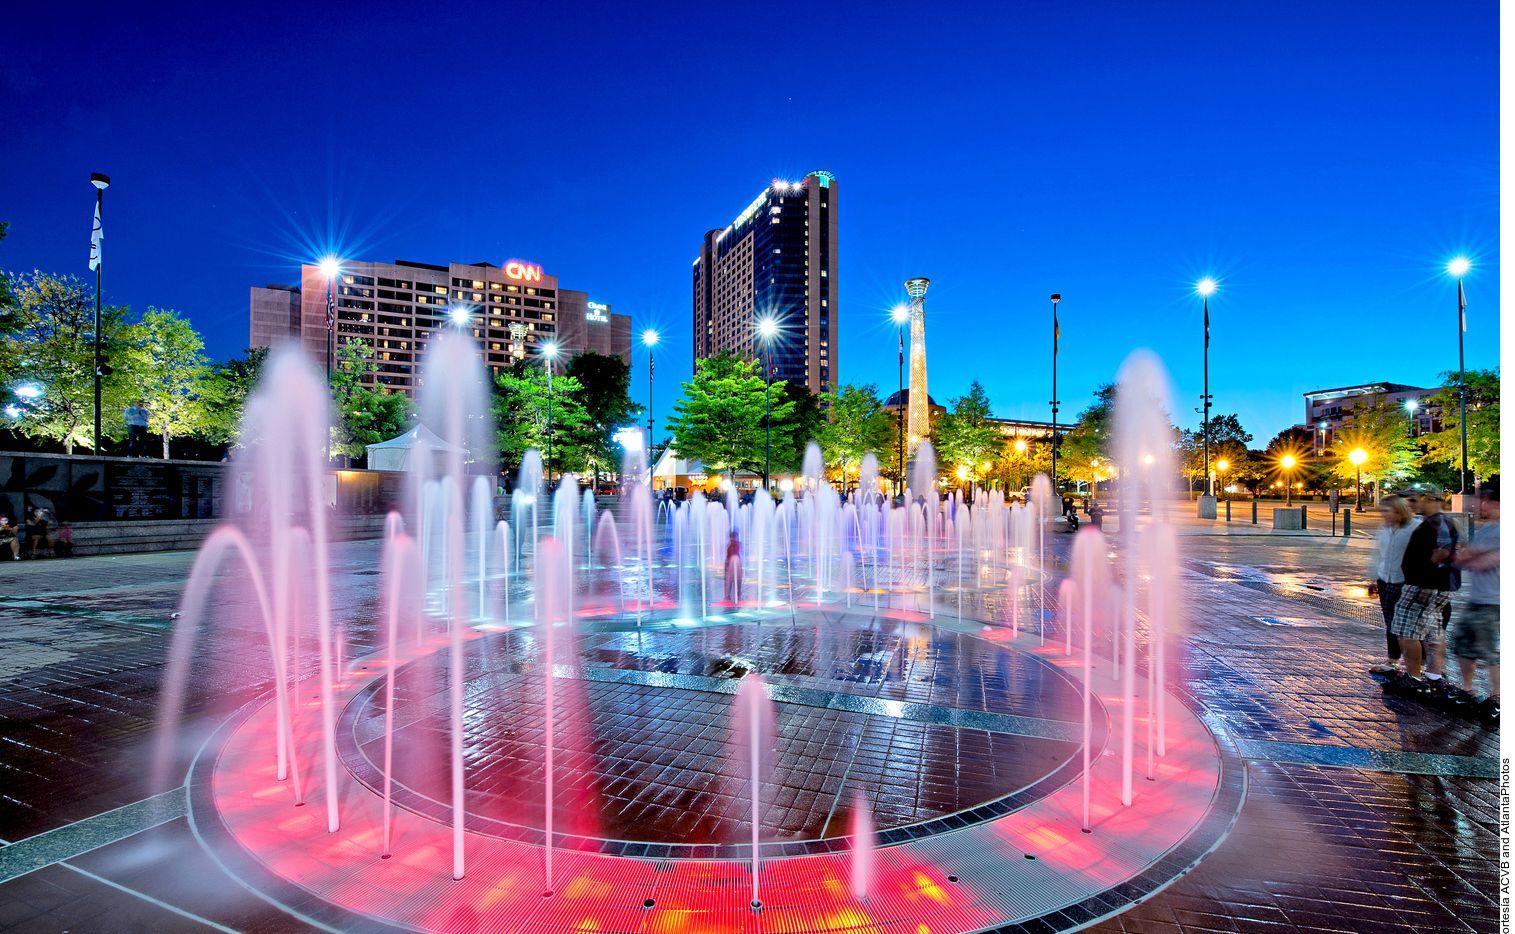 Muchos viajeros inician su aventura por Atlanta, Estados Unidos, en Centennial Olympic Park, un espacio que fue abierto como parte de los preparativos para los Juegos Olímpicos de 1996.